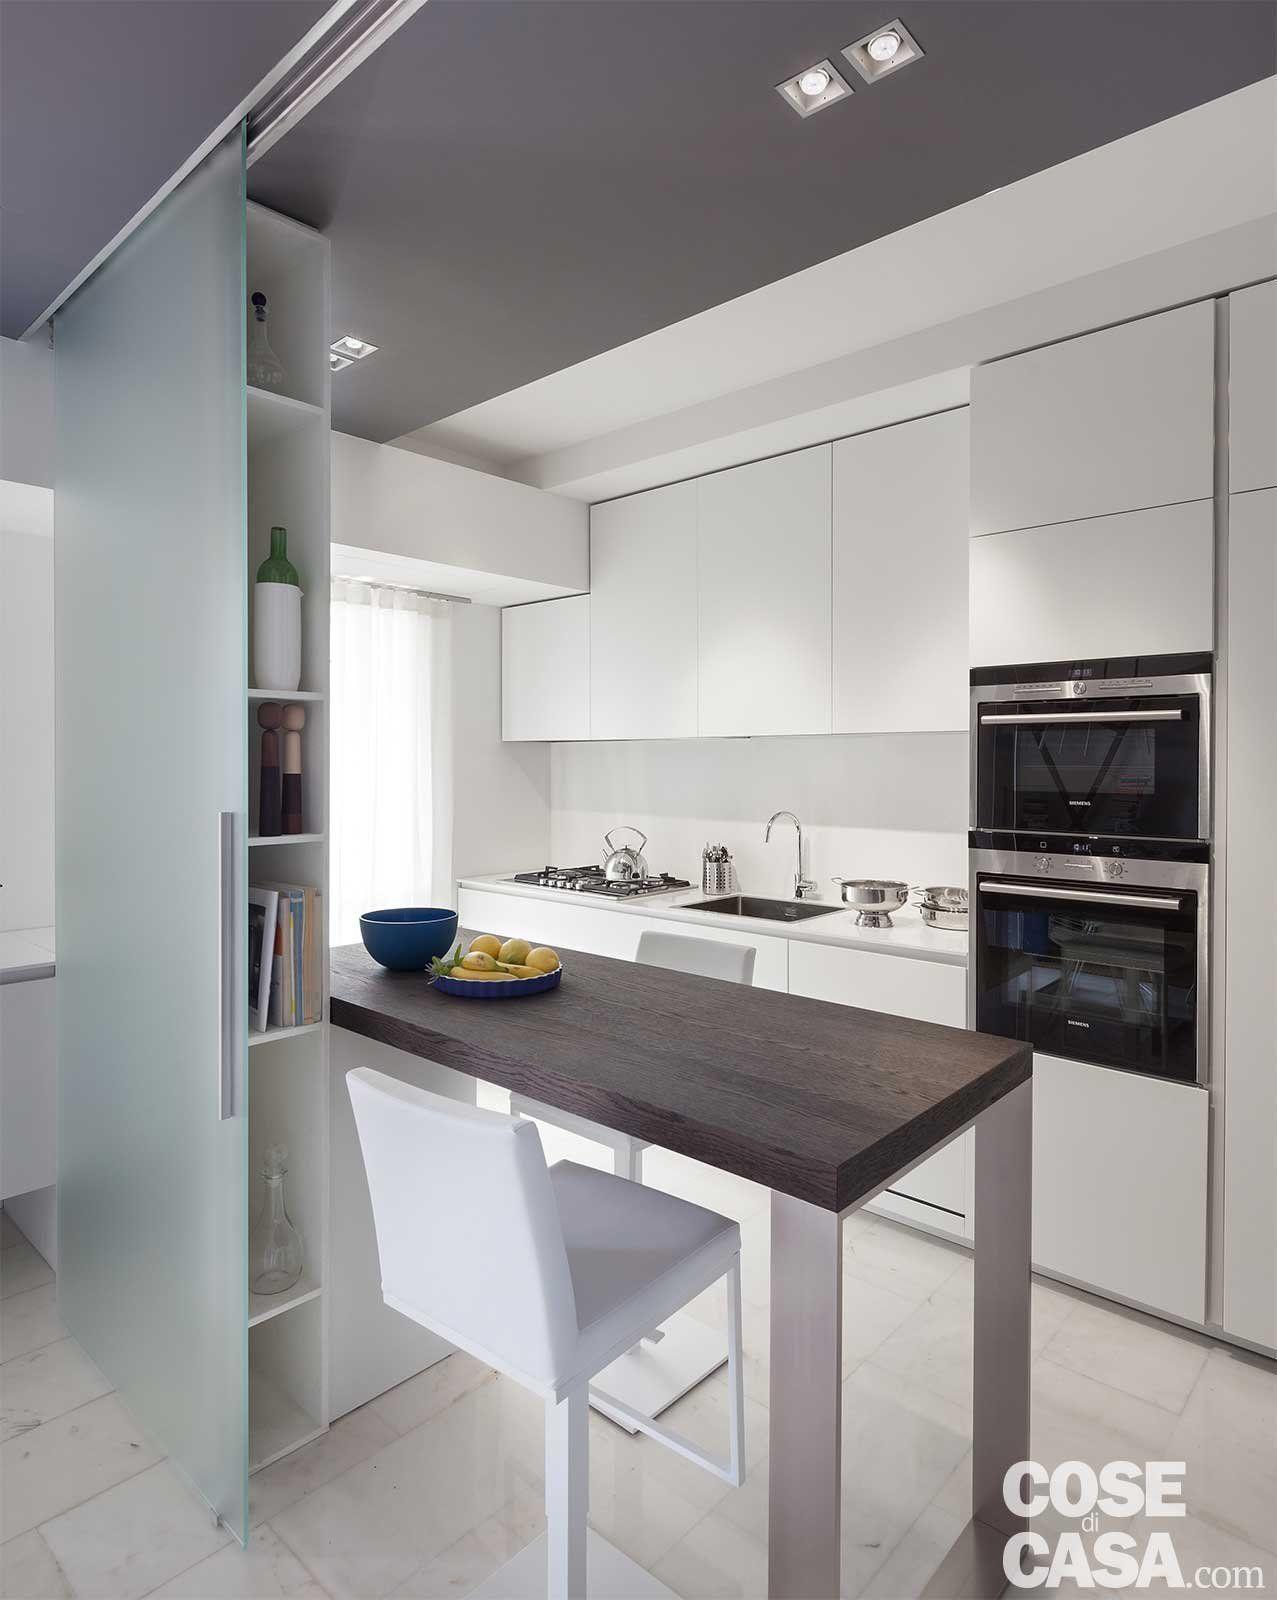 Foto Controsoffittature Moderne.Una Casa Di 80 Mq Contemporanei E Accoglienti Trasformati E